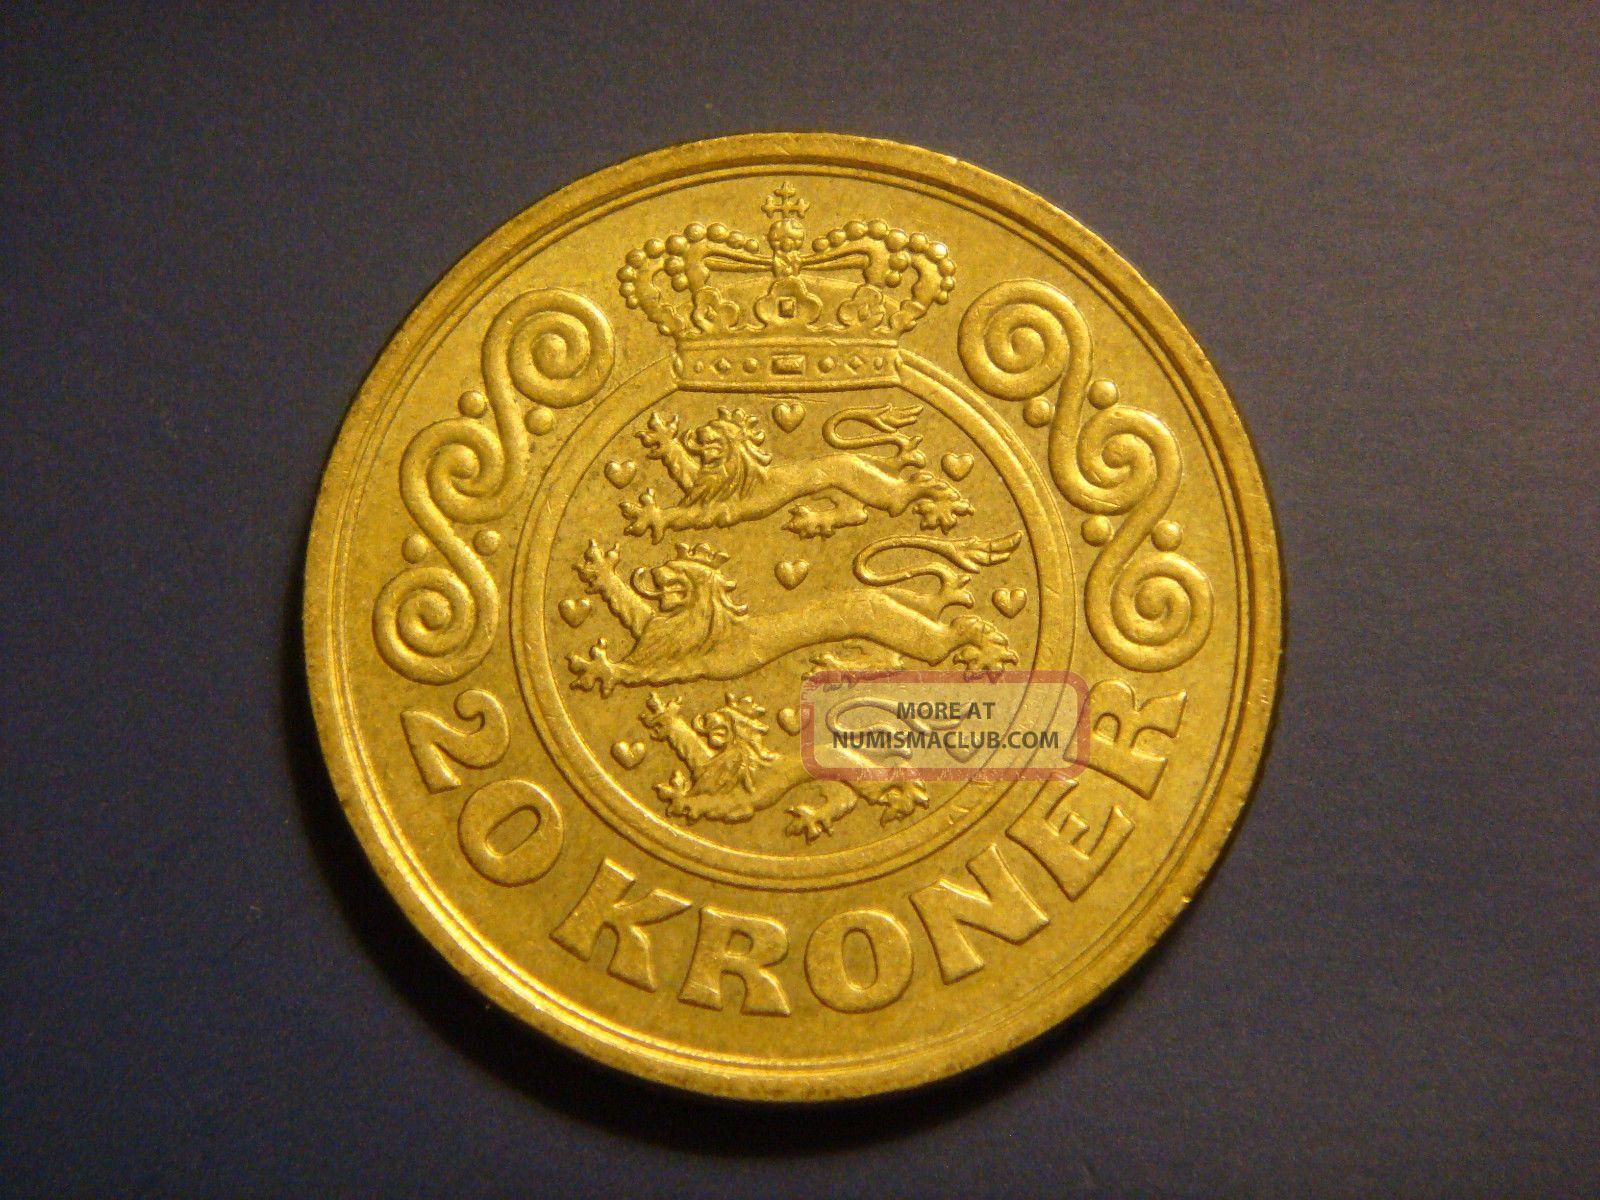 Denmark 20 Kroner 1990 Coin Margrethe Ii